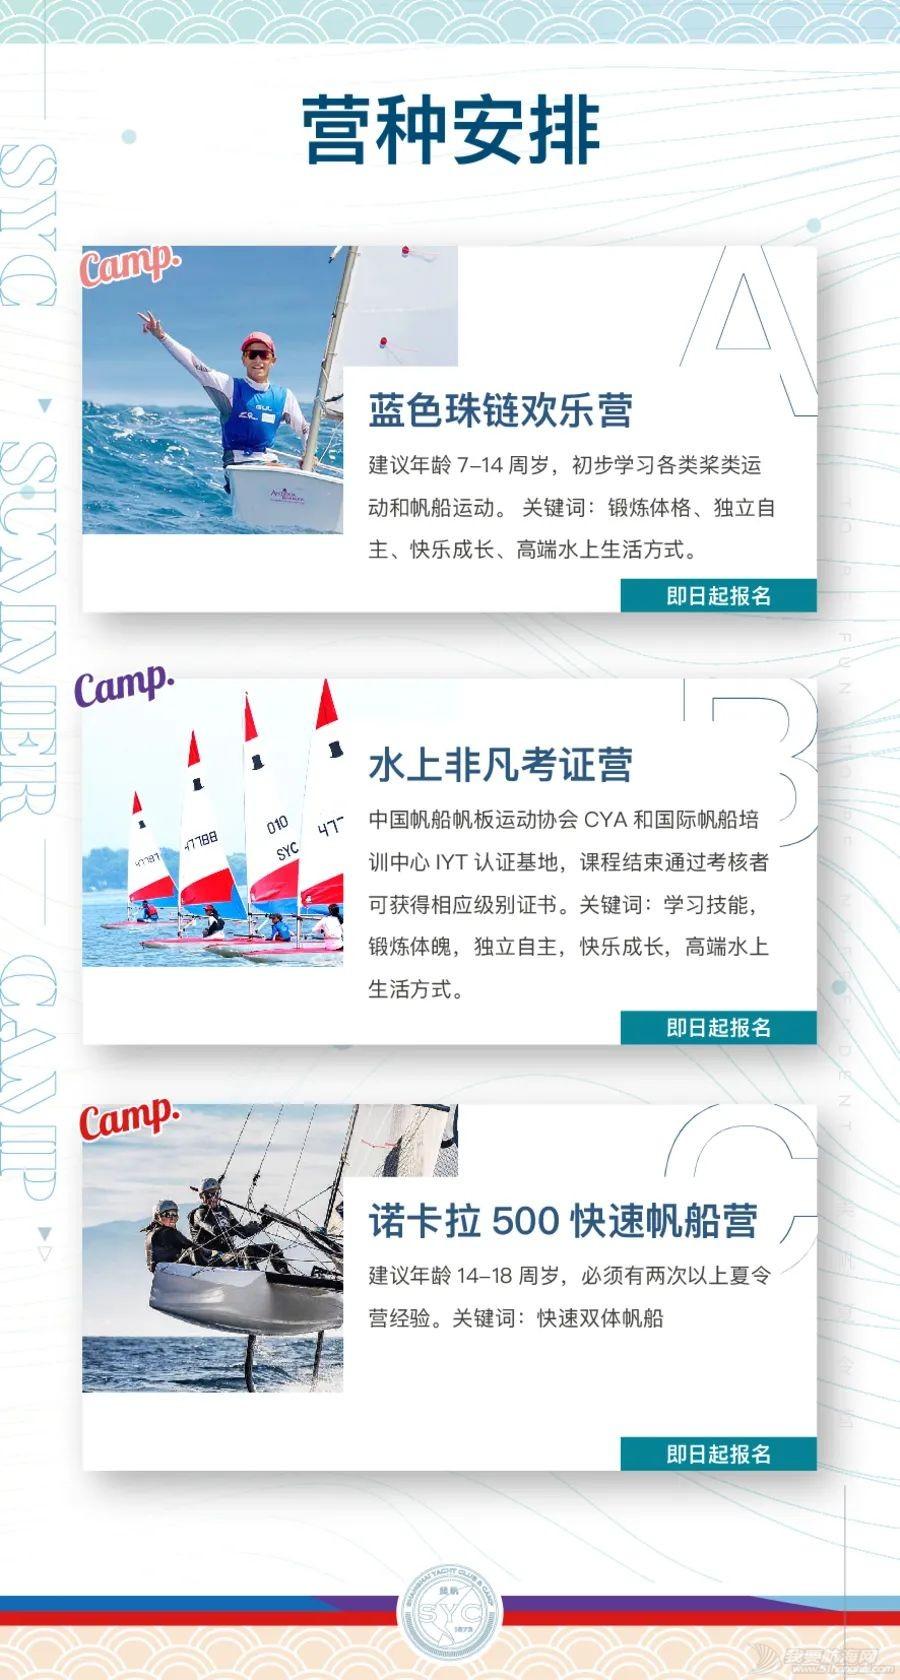 2021帆船夏令营之华东篇|中帆协小帆船认证培训中心营业啦③w19.jpg